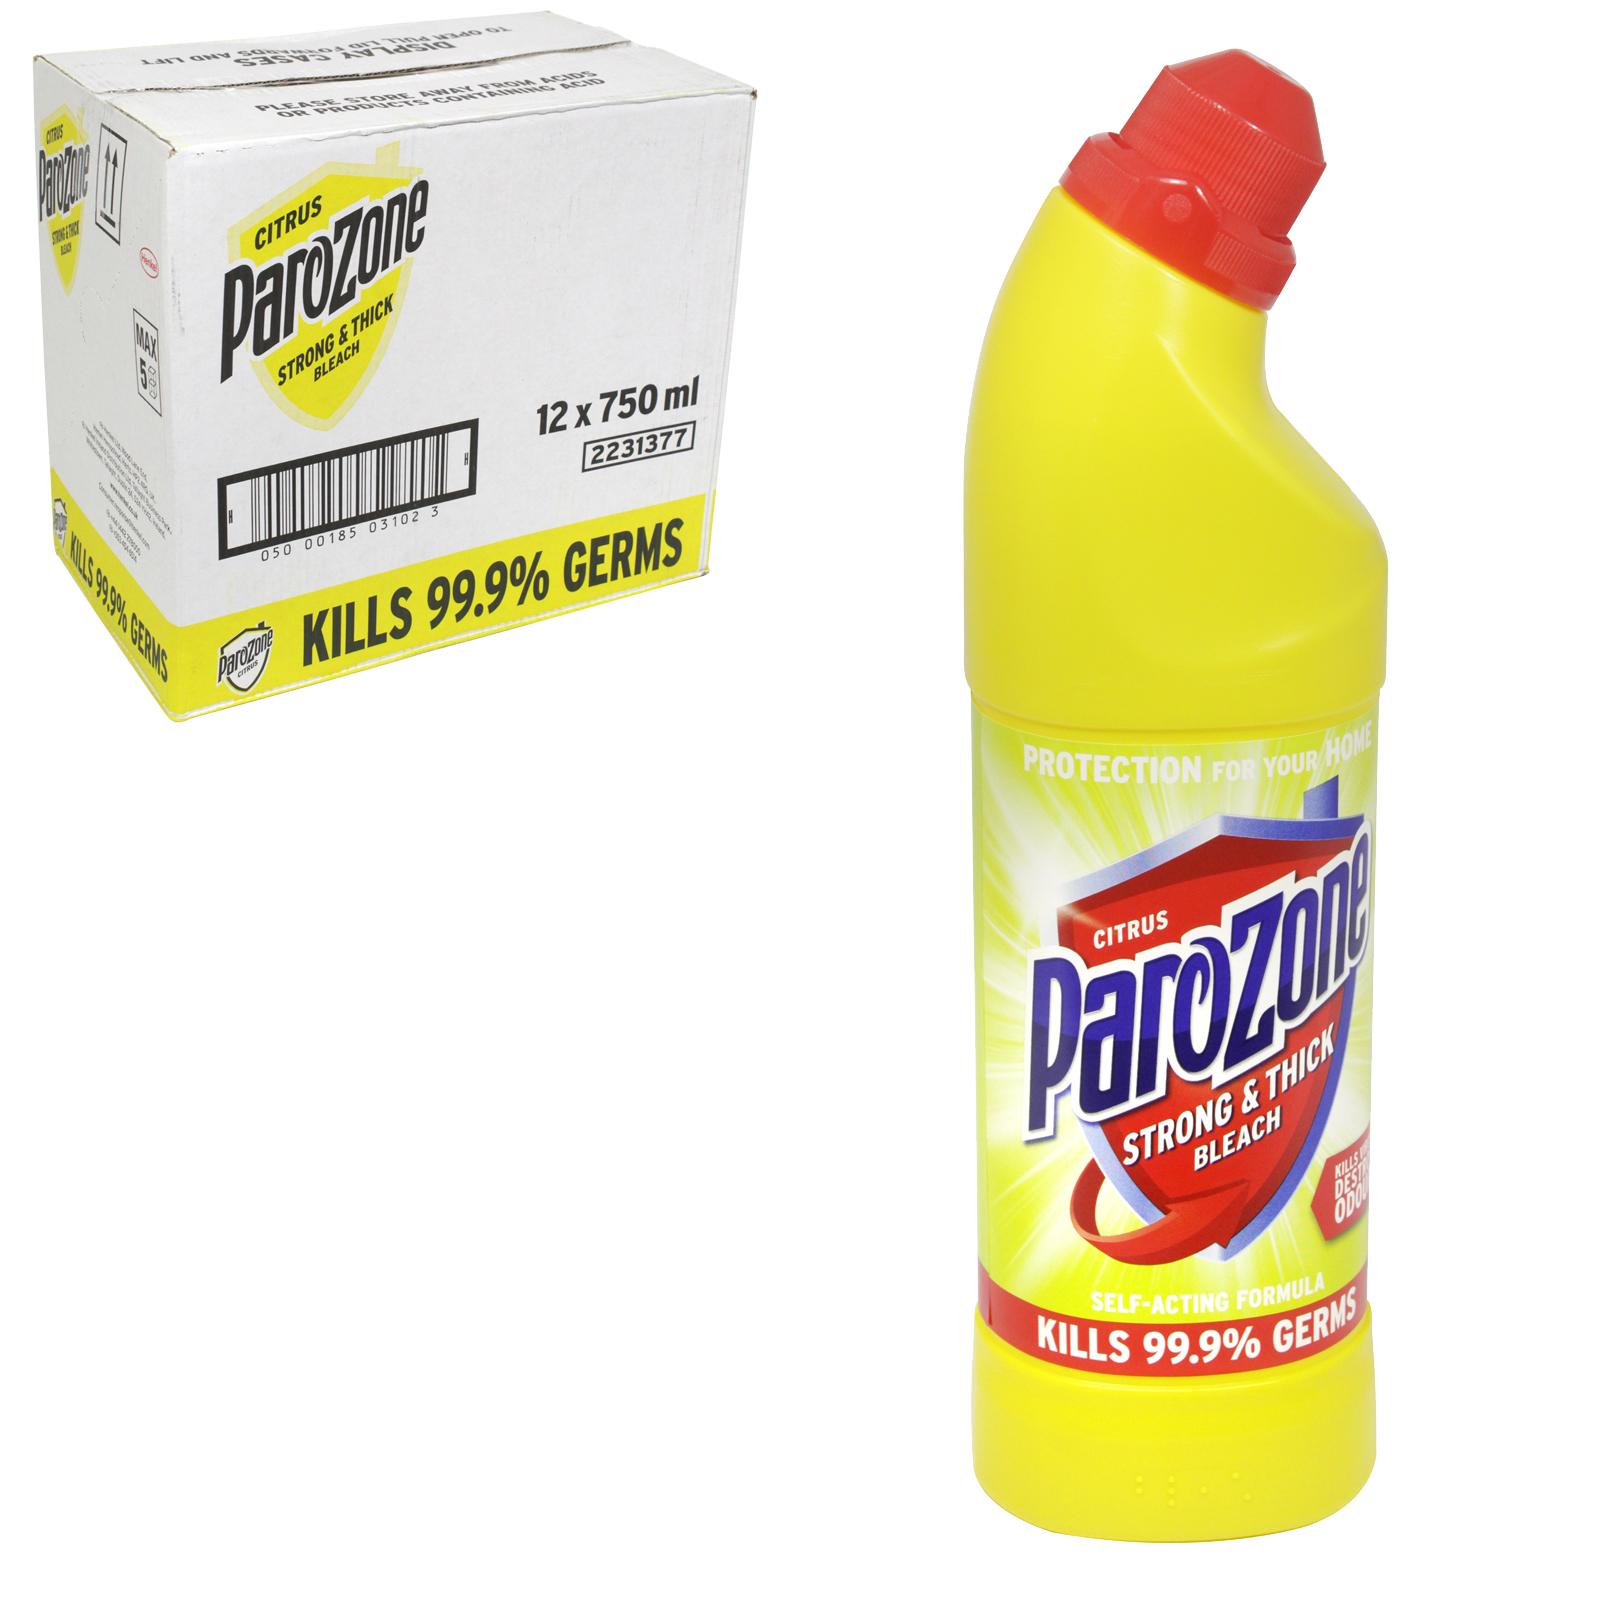 PAROZONE THICK BLEACH 750ML CITRUS X12